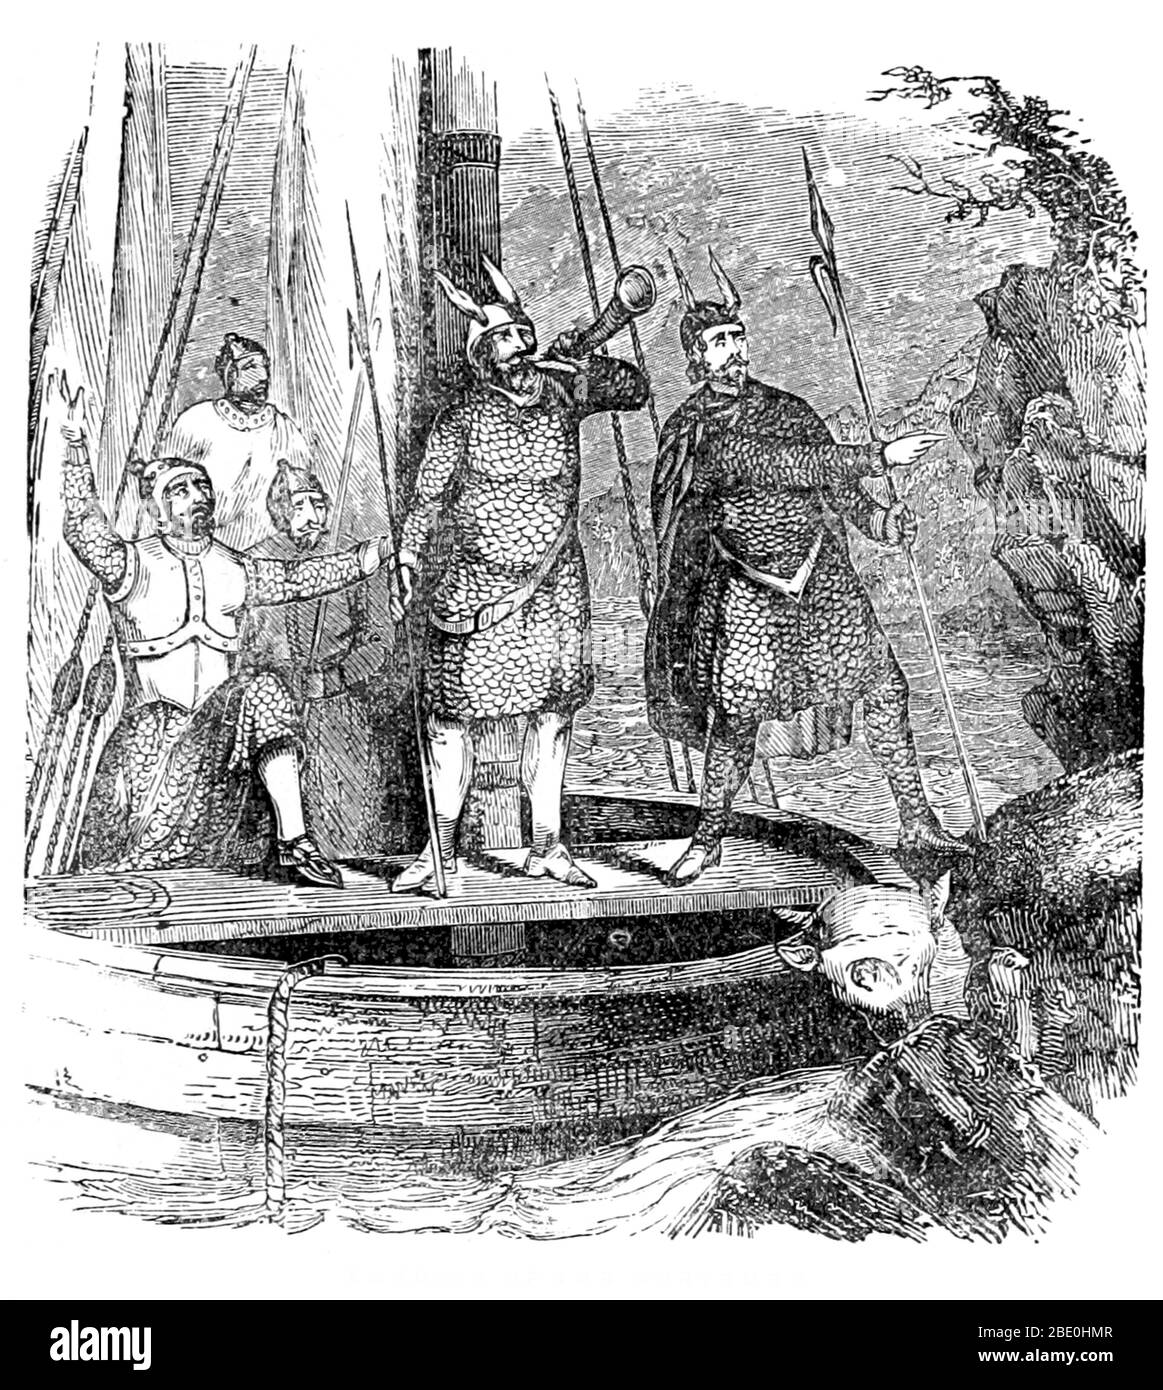 La colonización nórdica de las Américas comenzó ya en el siglo X DC, cuando los vikingos exploraron y asentaron áreas del Atlántico Norte, incluyendo las franjas nororientales de América del Norte. Los asentamientos continentales de América del Norte eran pequeños y no se transformaron en colonias permanentes. Hay evidencia del comercio nórdico con los nativos. El nórdico habría encontrado tanto a los nativos americanos como a los Thule, antepasados de los inuit. Artículos como fragmentos de peine, piezas de utensilios de cocina de hierro, piezas de ajedrez, cinceles de hierro, remaches de barcos, aviones de carpintero y fragmentos de barcos abandonados usados en barcos inuit h. Foto de stock